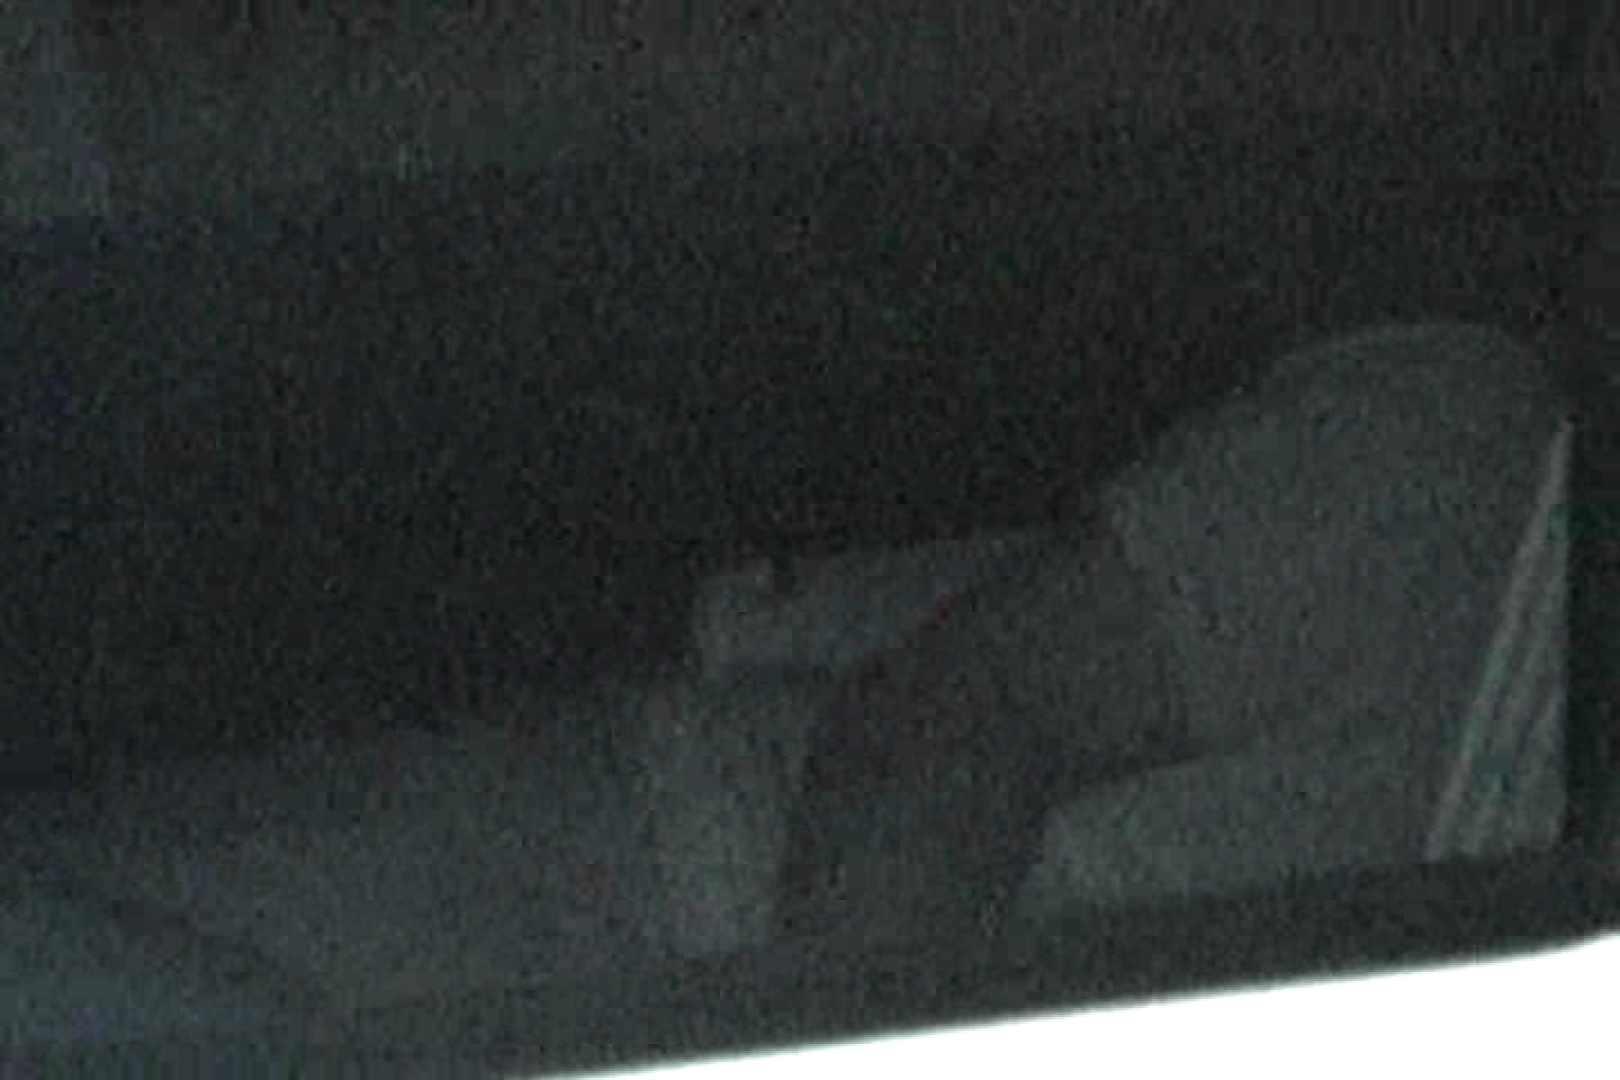 充血監督の深夜の運動会Vol.8 乳首 覗きおまんこ画像 75pic 35